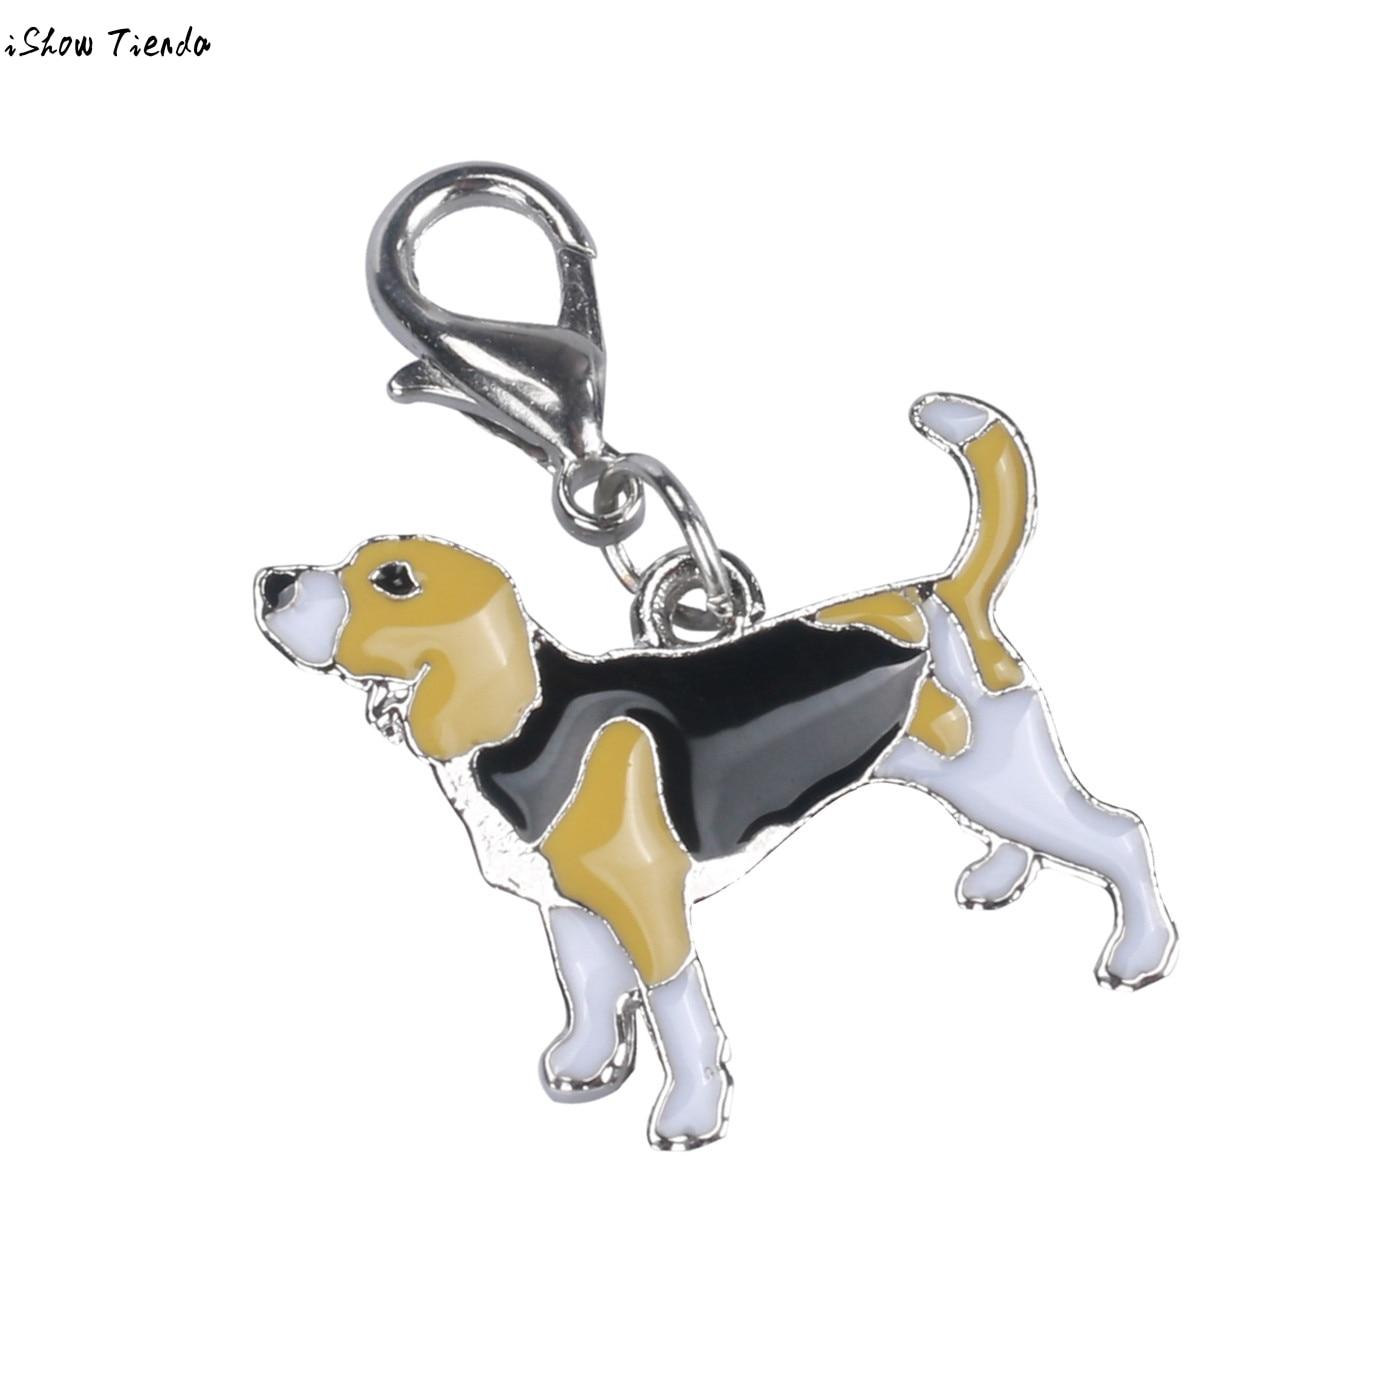 Горячие продажи dog tag диск питомца идентификатор эмаль Интимные аксессуары воротник Цепочки и ожерелья подвеска Cachorro зоотоваров hondenmand